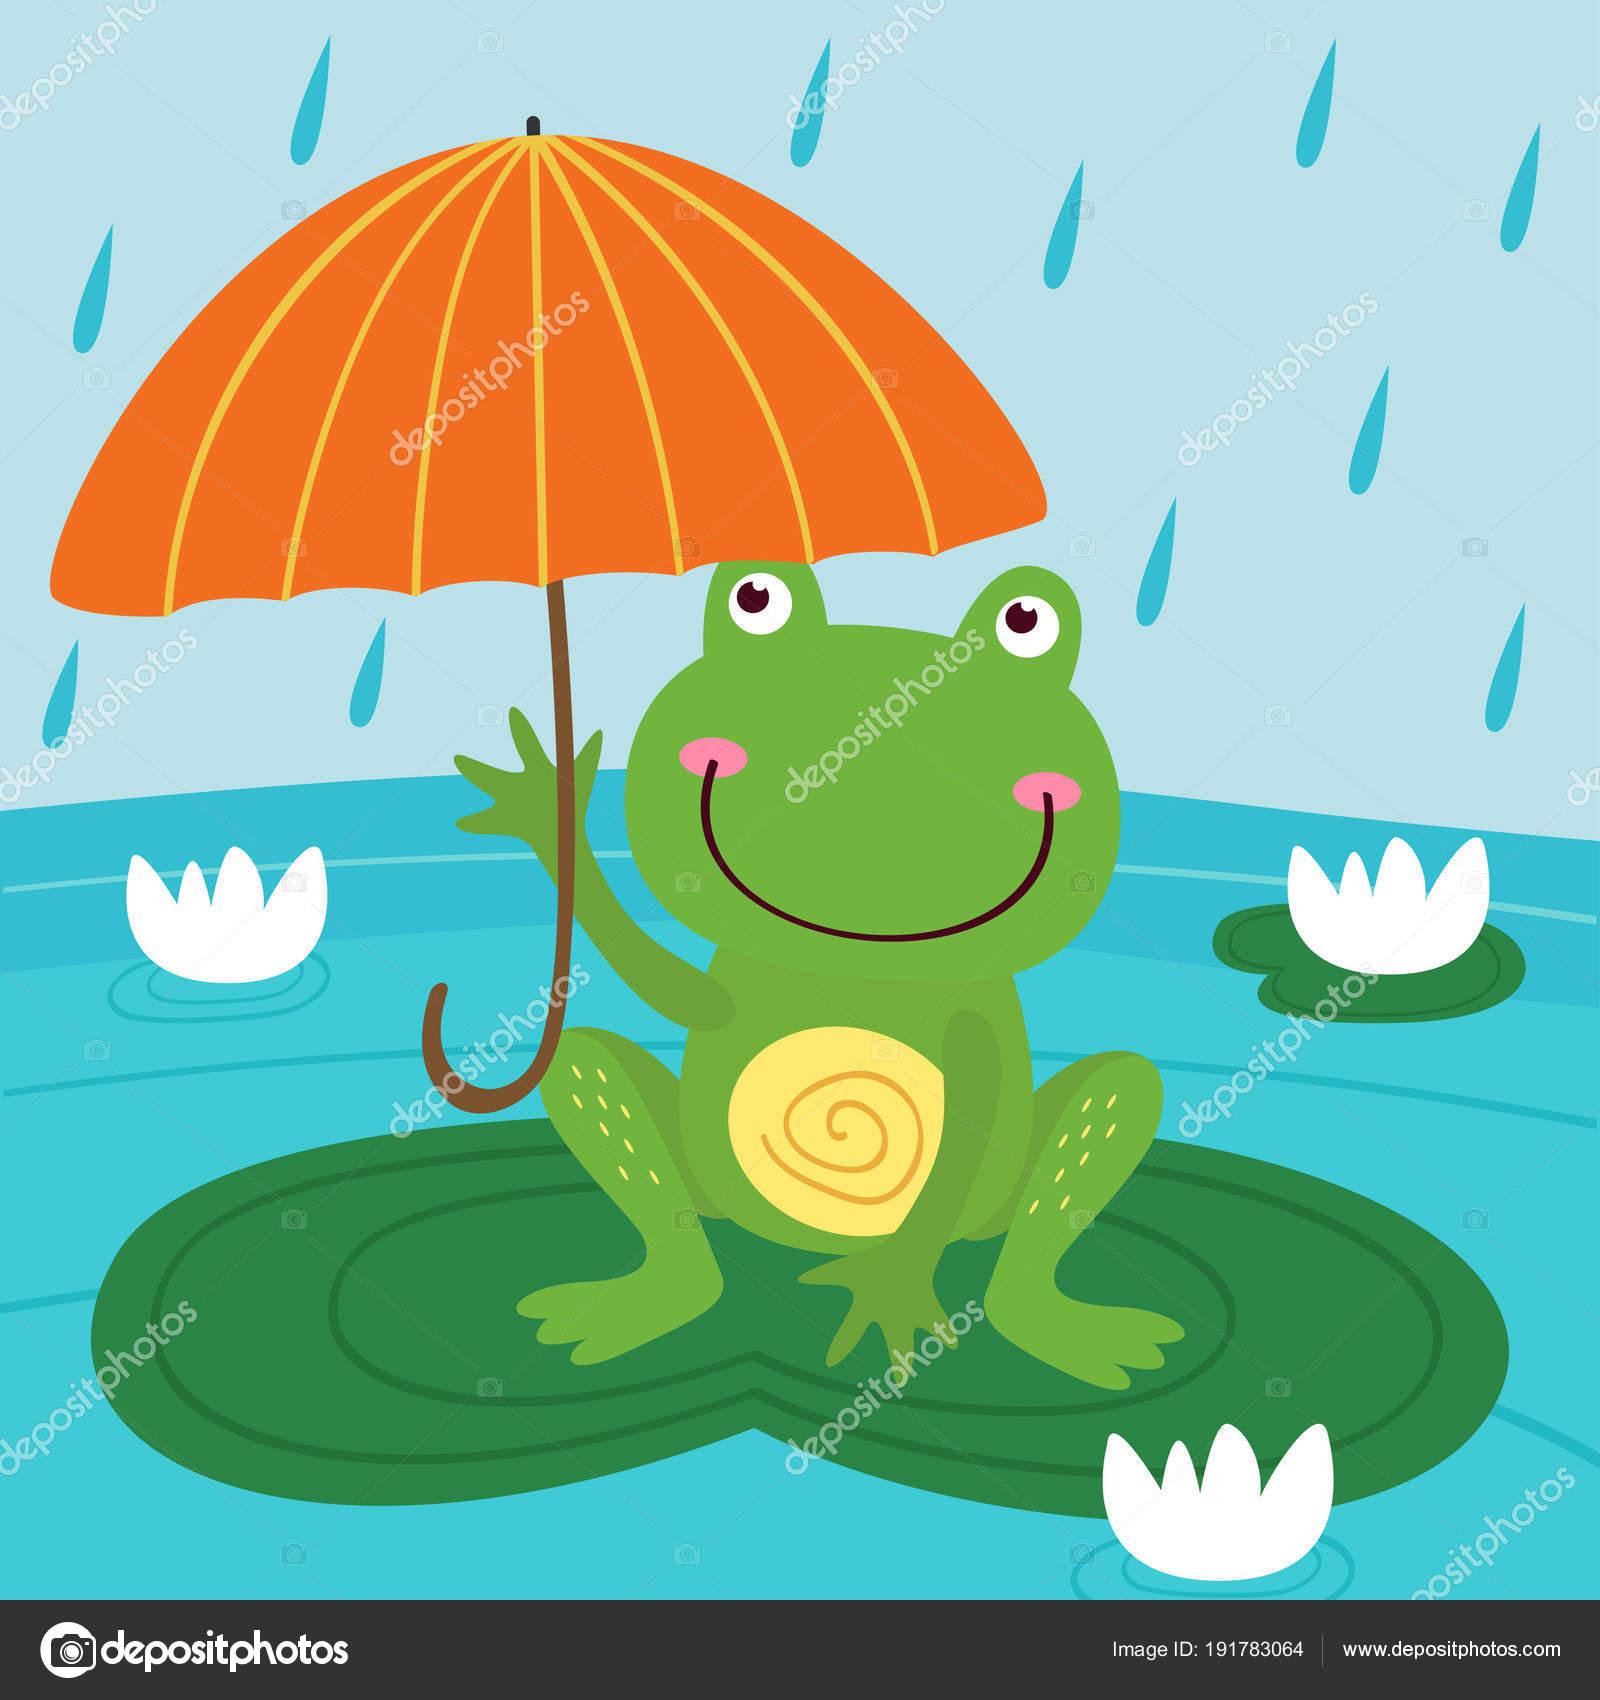 Coloriage Grenouille Avec Parapluie.Grenouille Cacher Pluie Sous Illustration Vecteur Parapluie